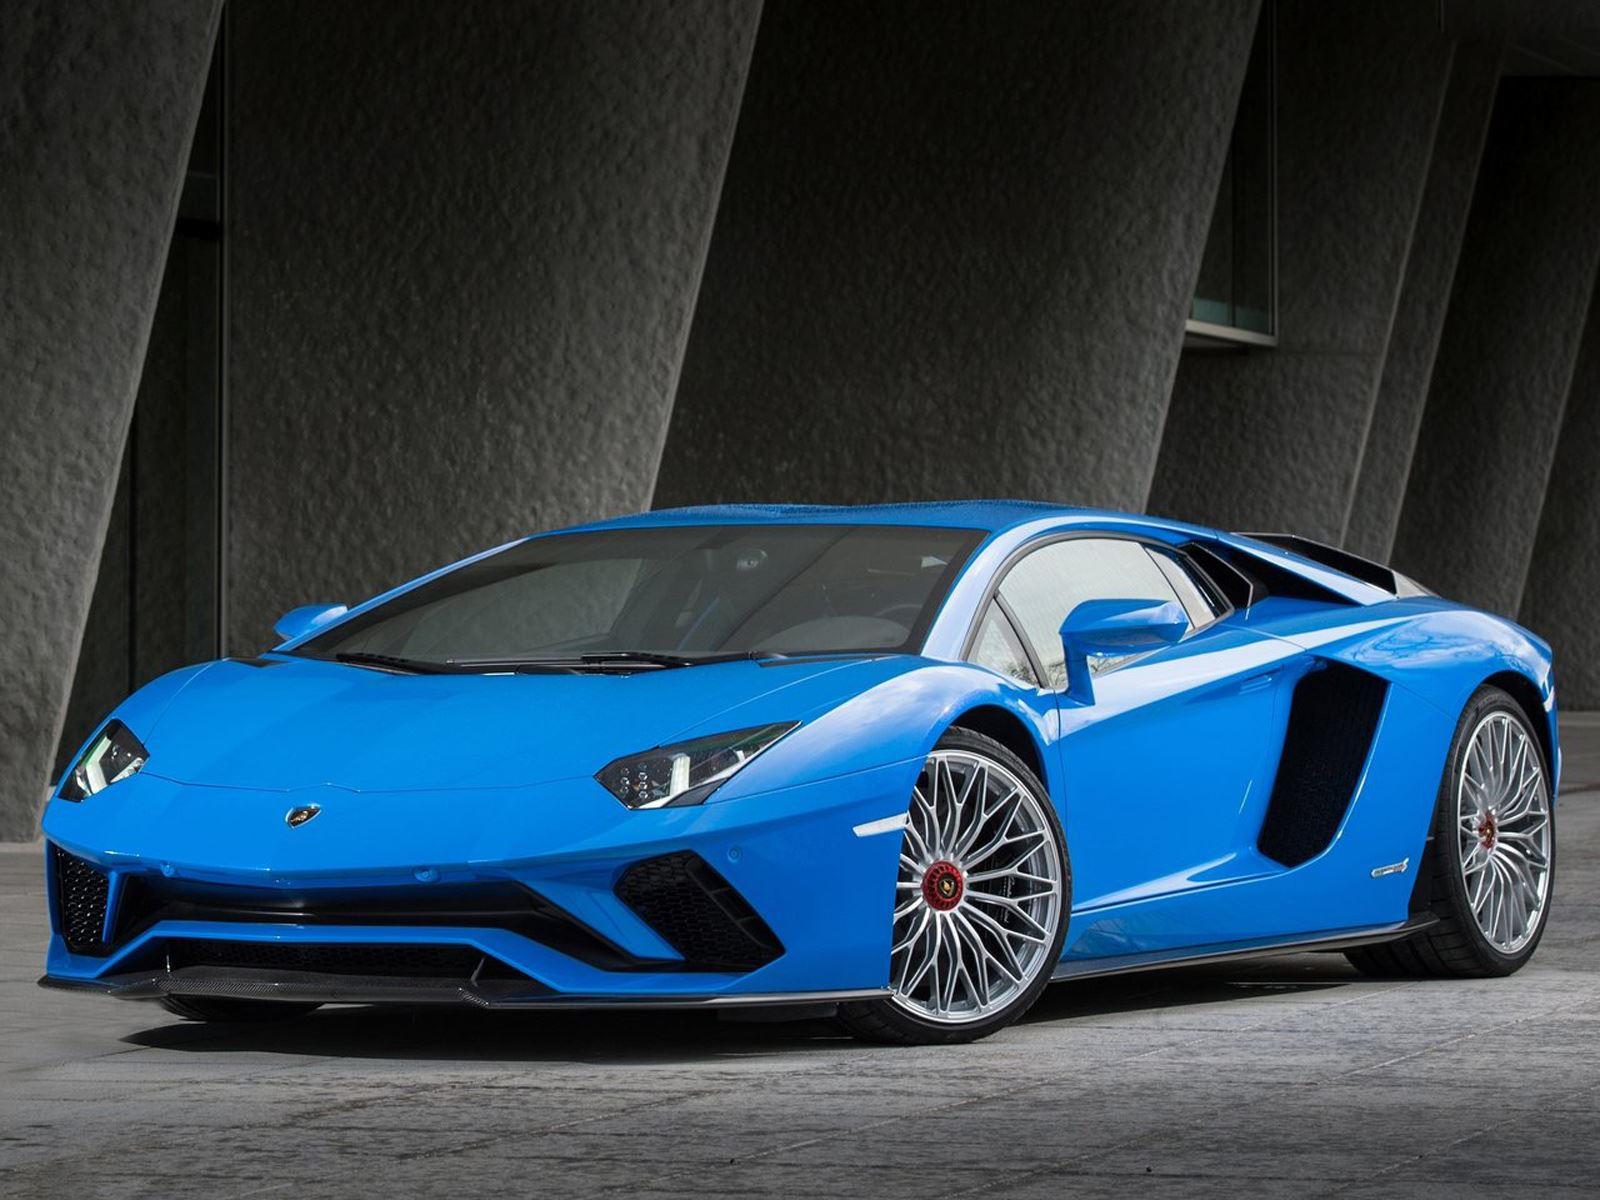 Согласно «The Supercar Blog», недавно был показан прототип Lamborghini LB48H, очень ограниченное издание гибридного гиперкара.